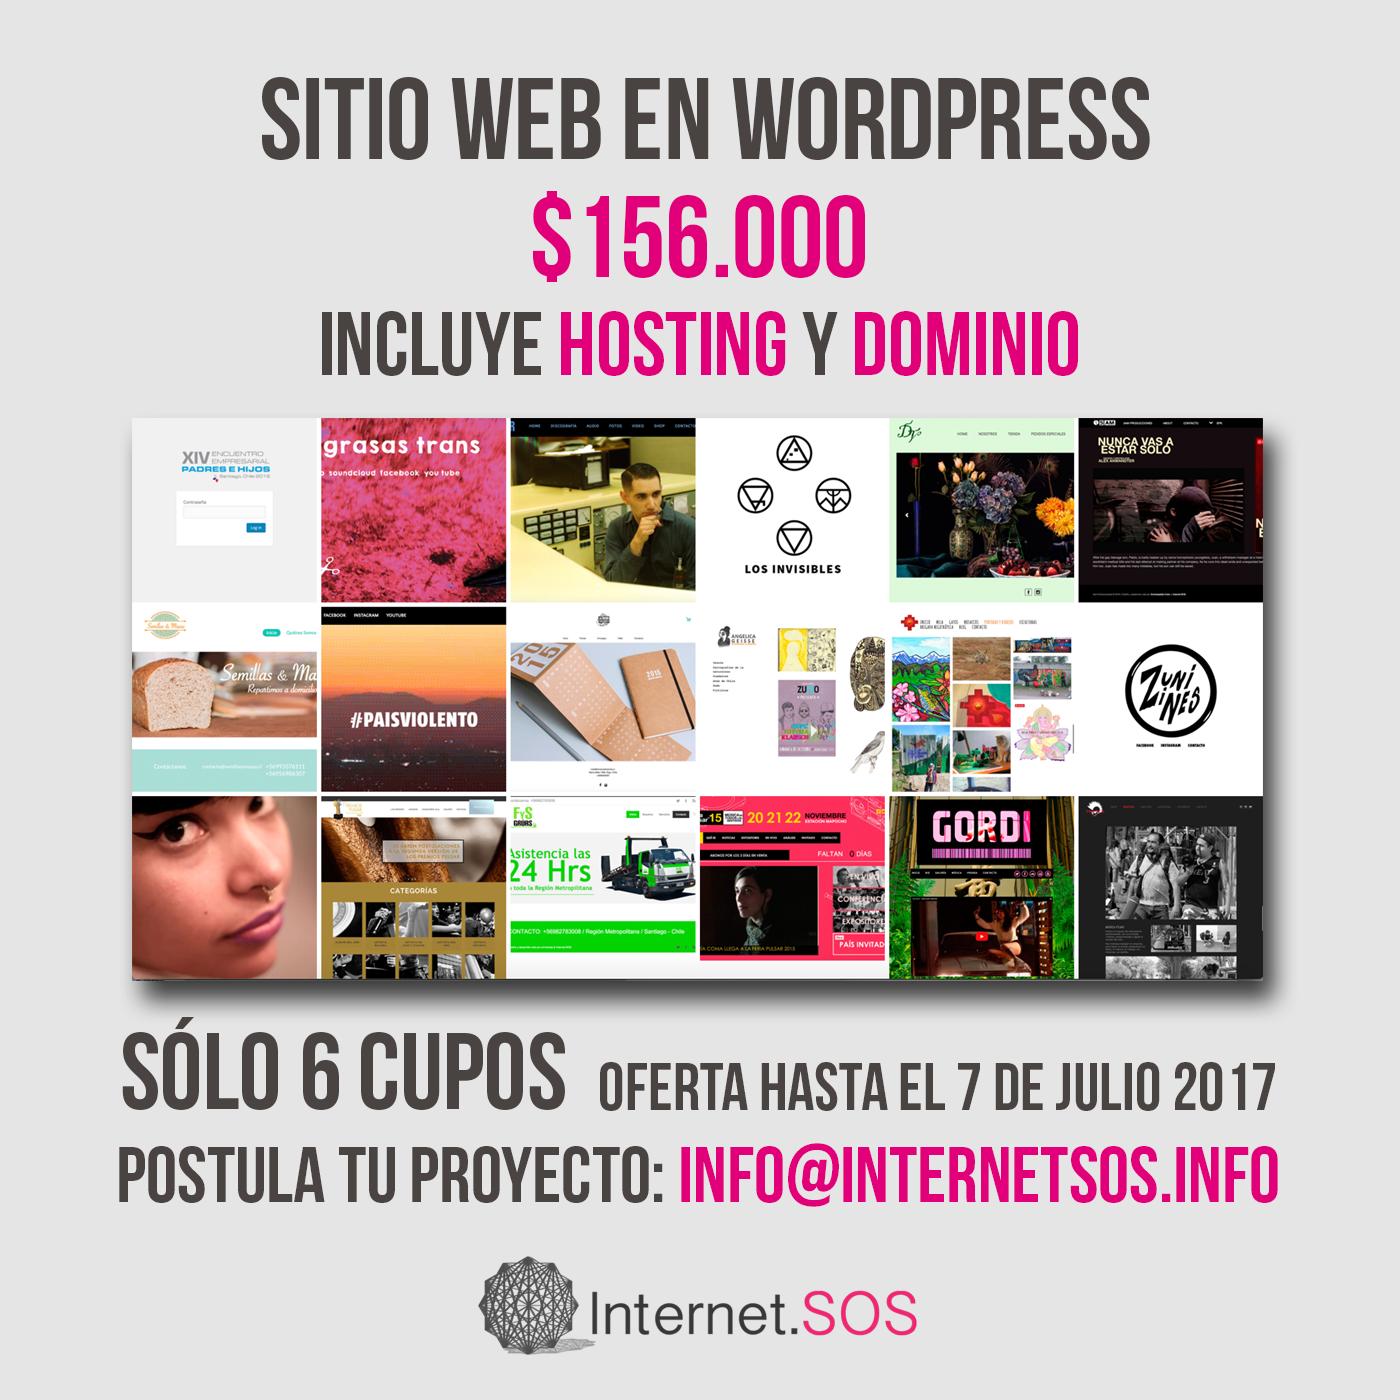 Sitio web en WordPress por $150.000 Hosting y Dominio gratis